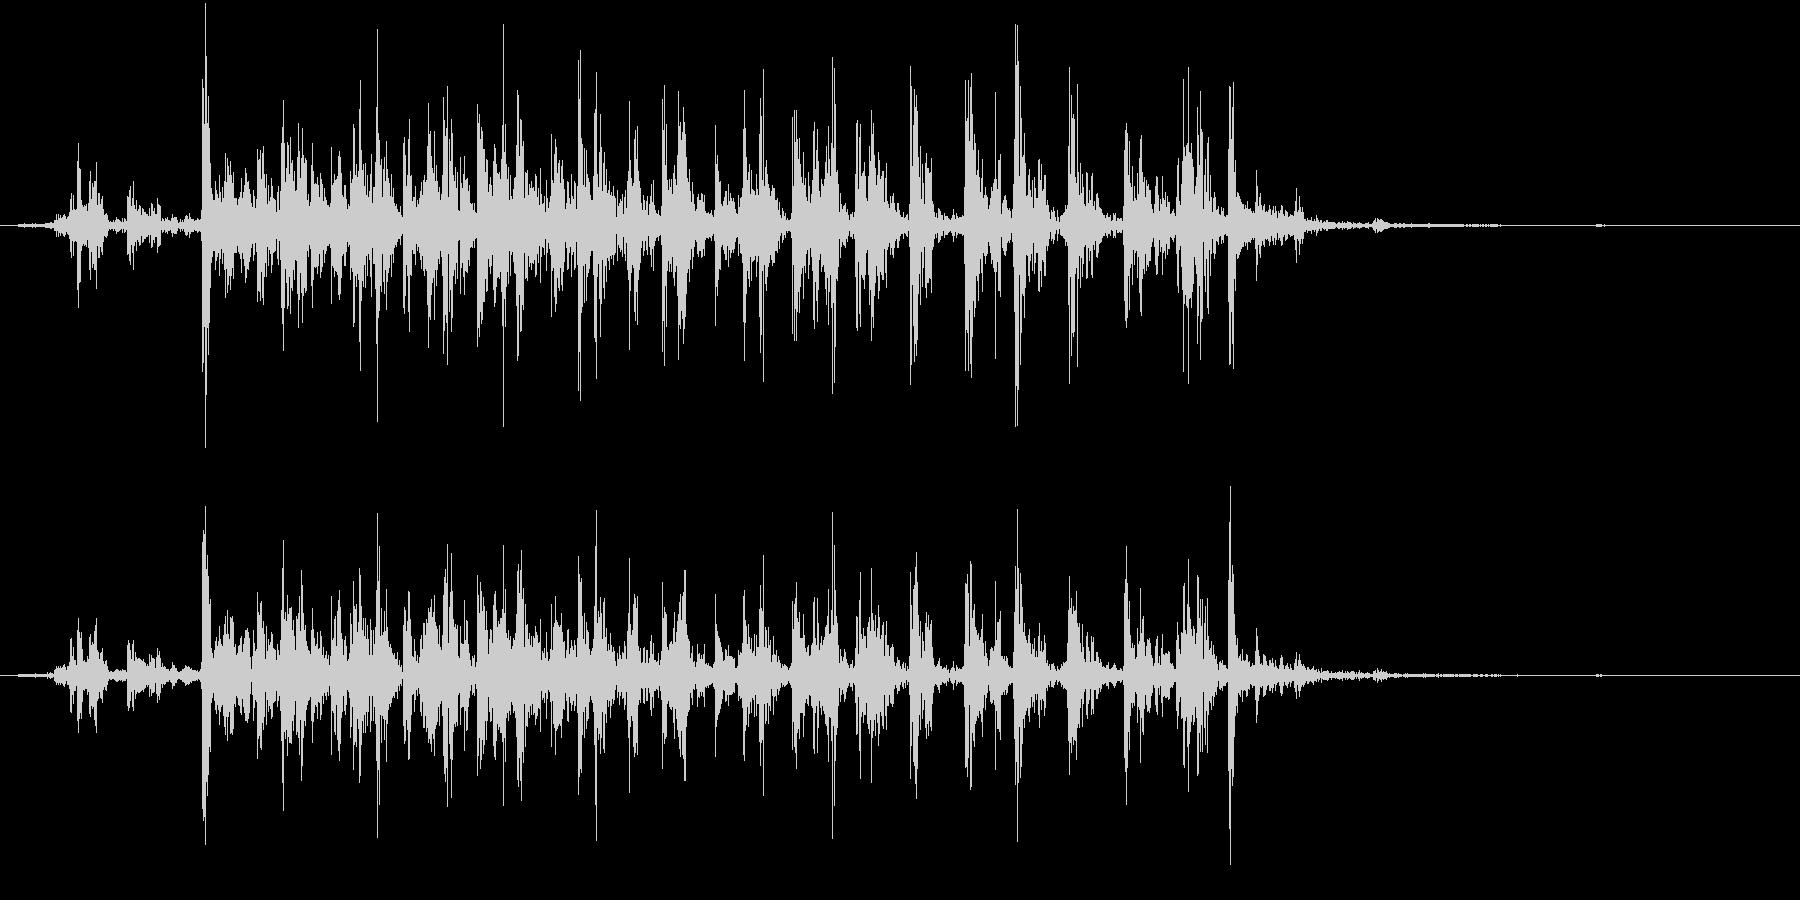 【生録音】カッターナイフの音 19の未再生の波形